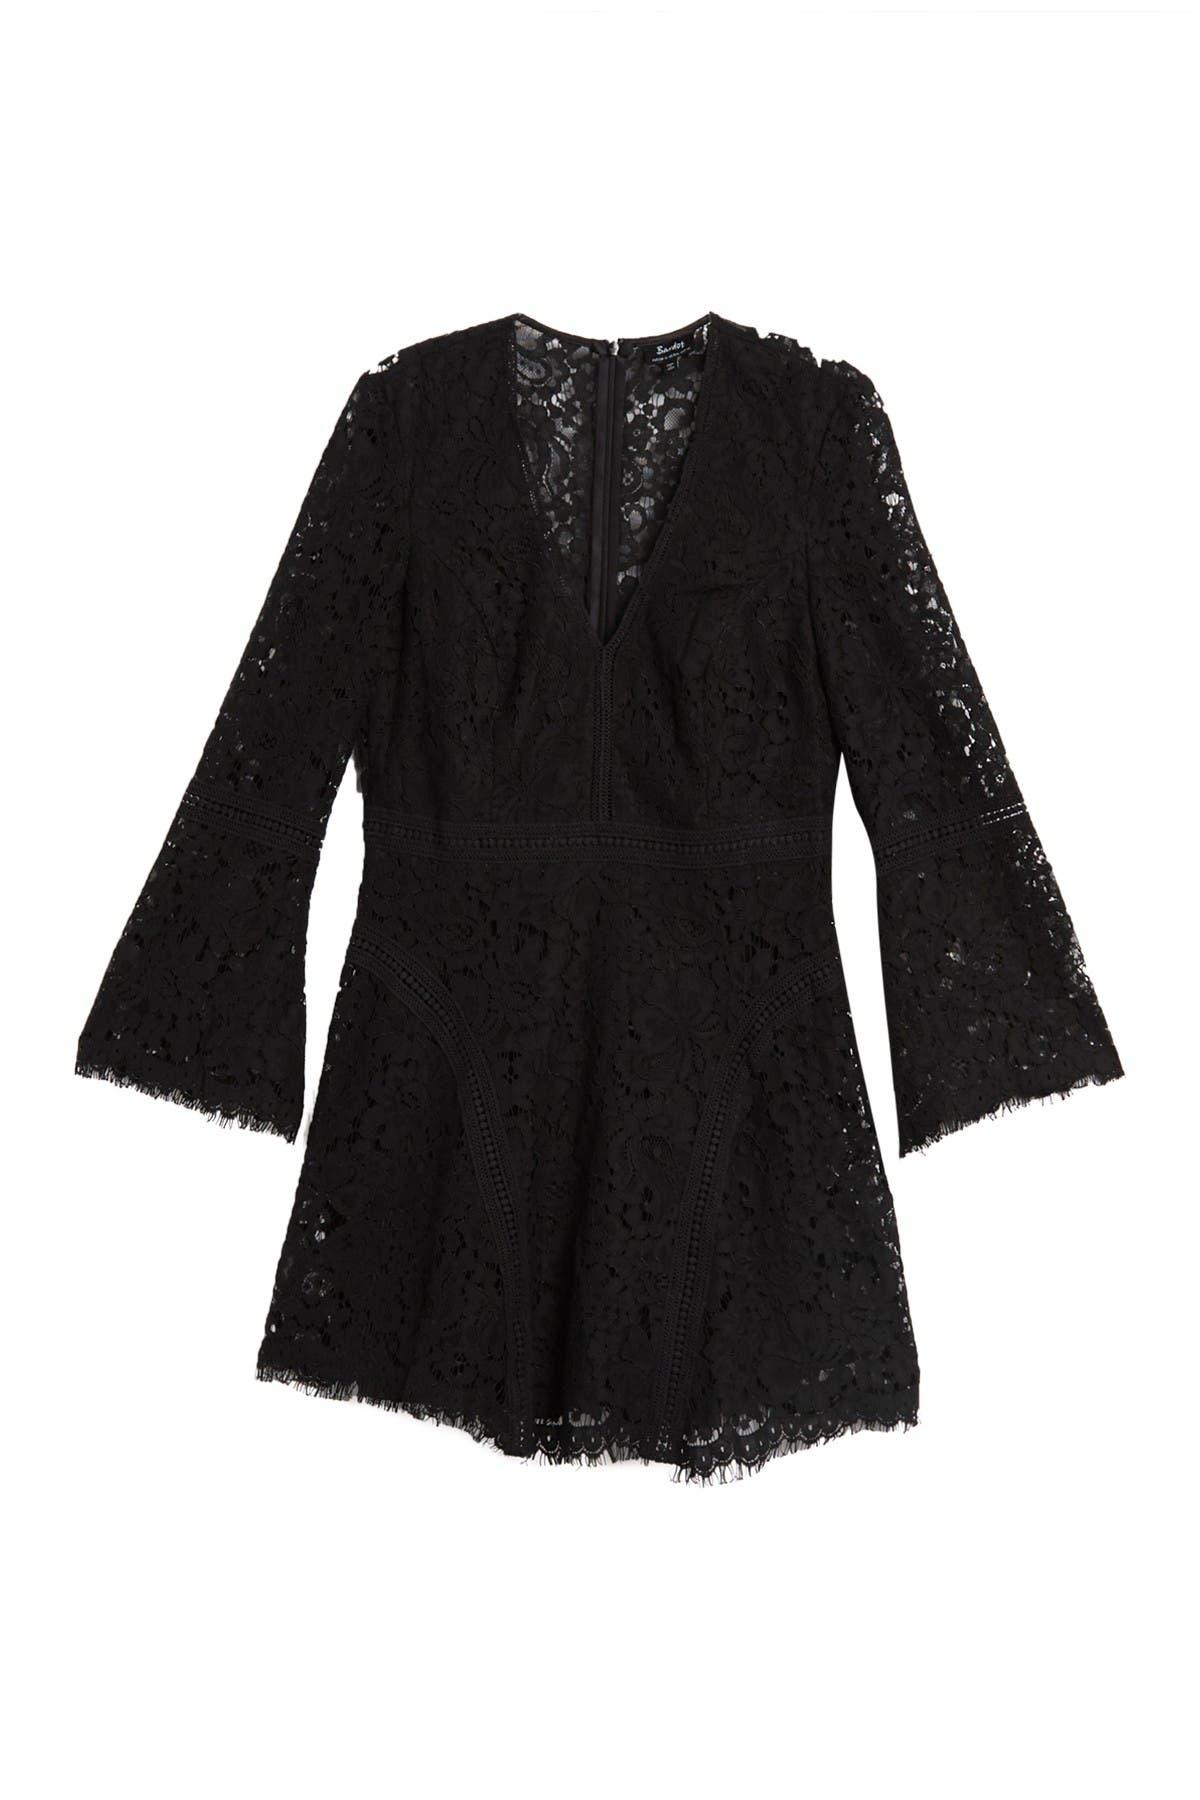 Image of Bardot Midnight Lace Mini Dress